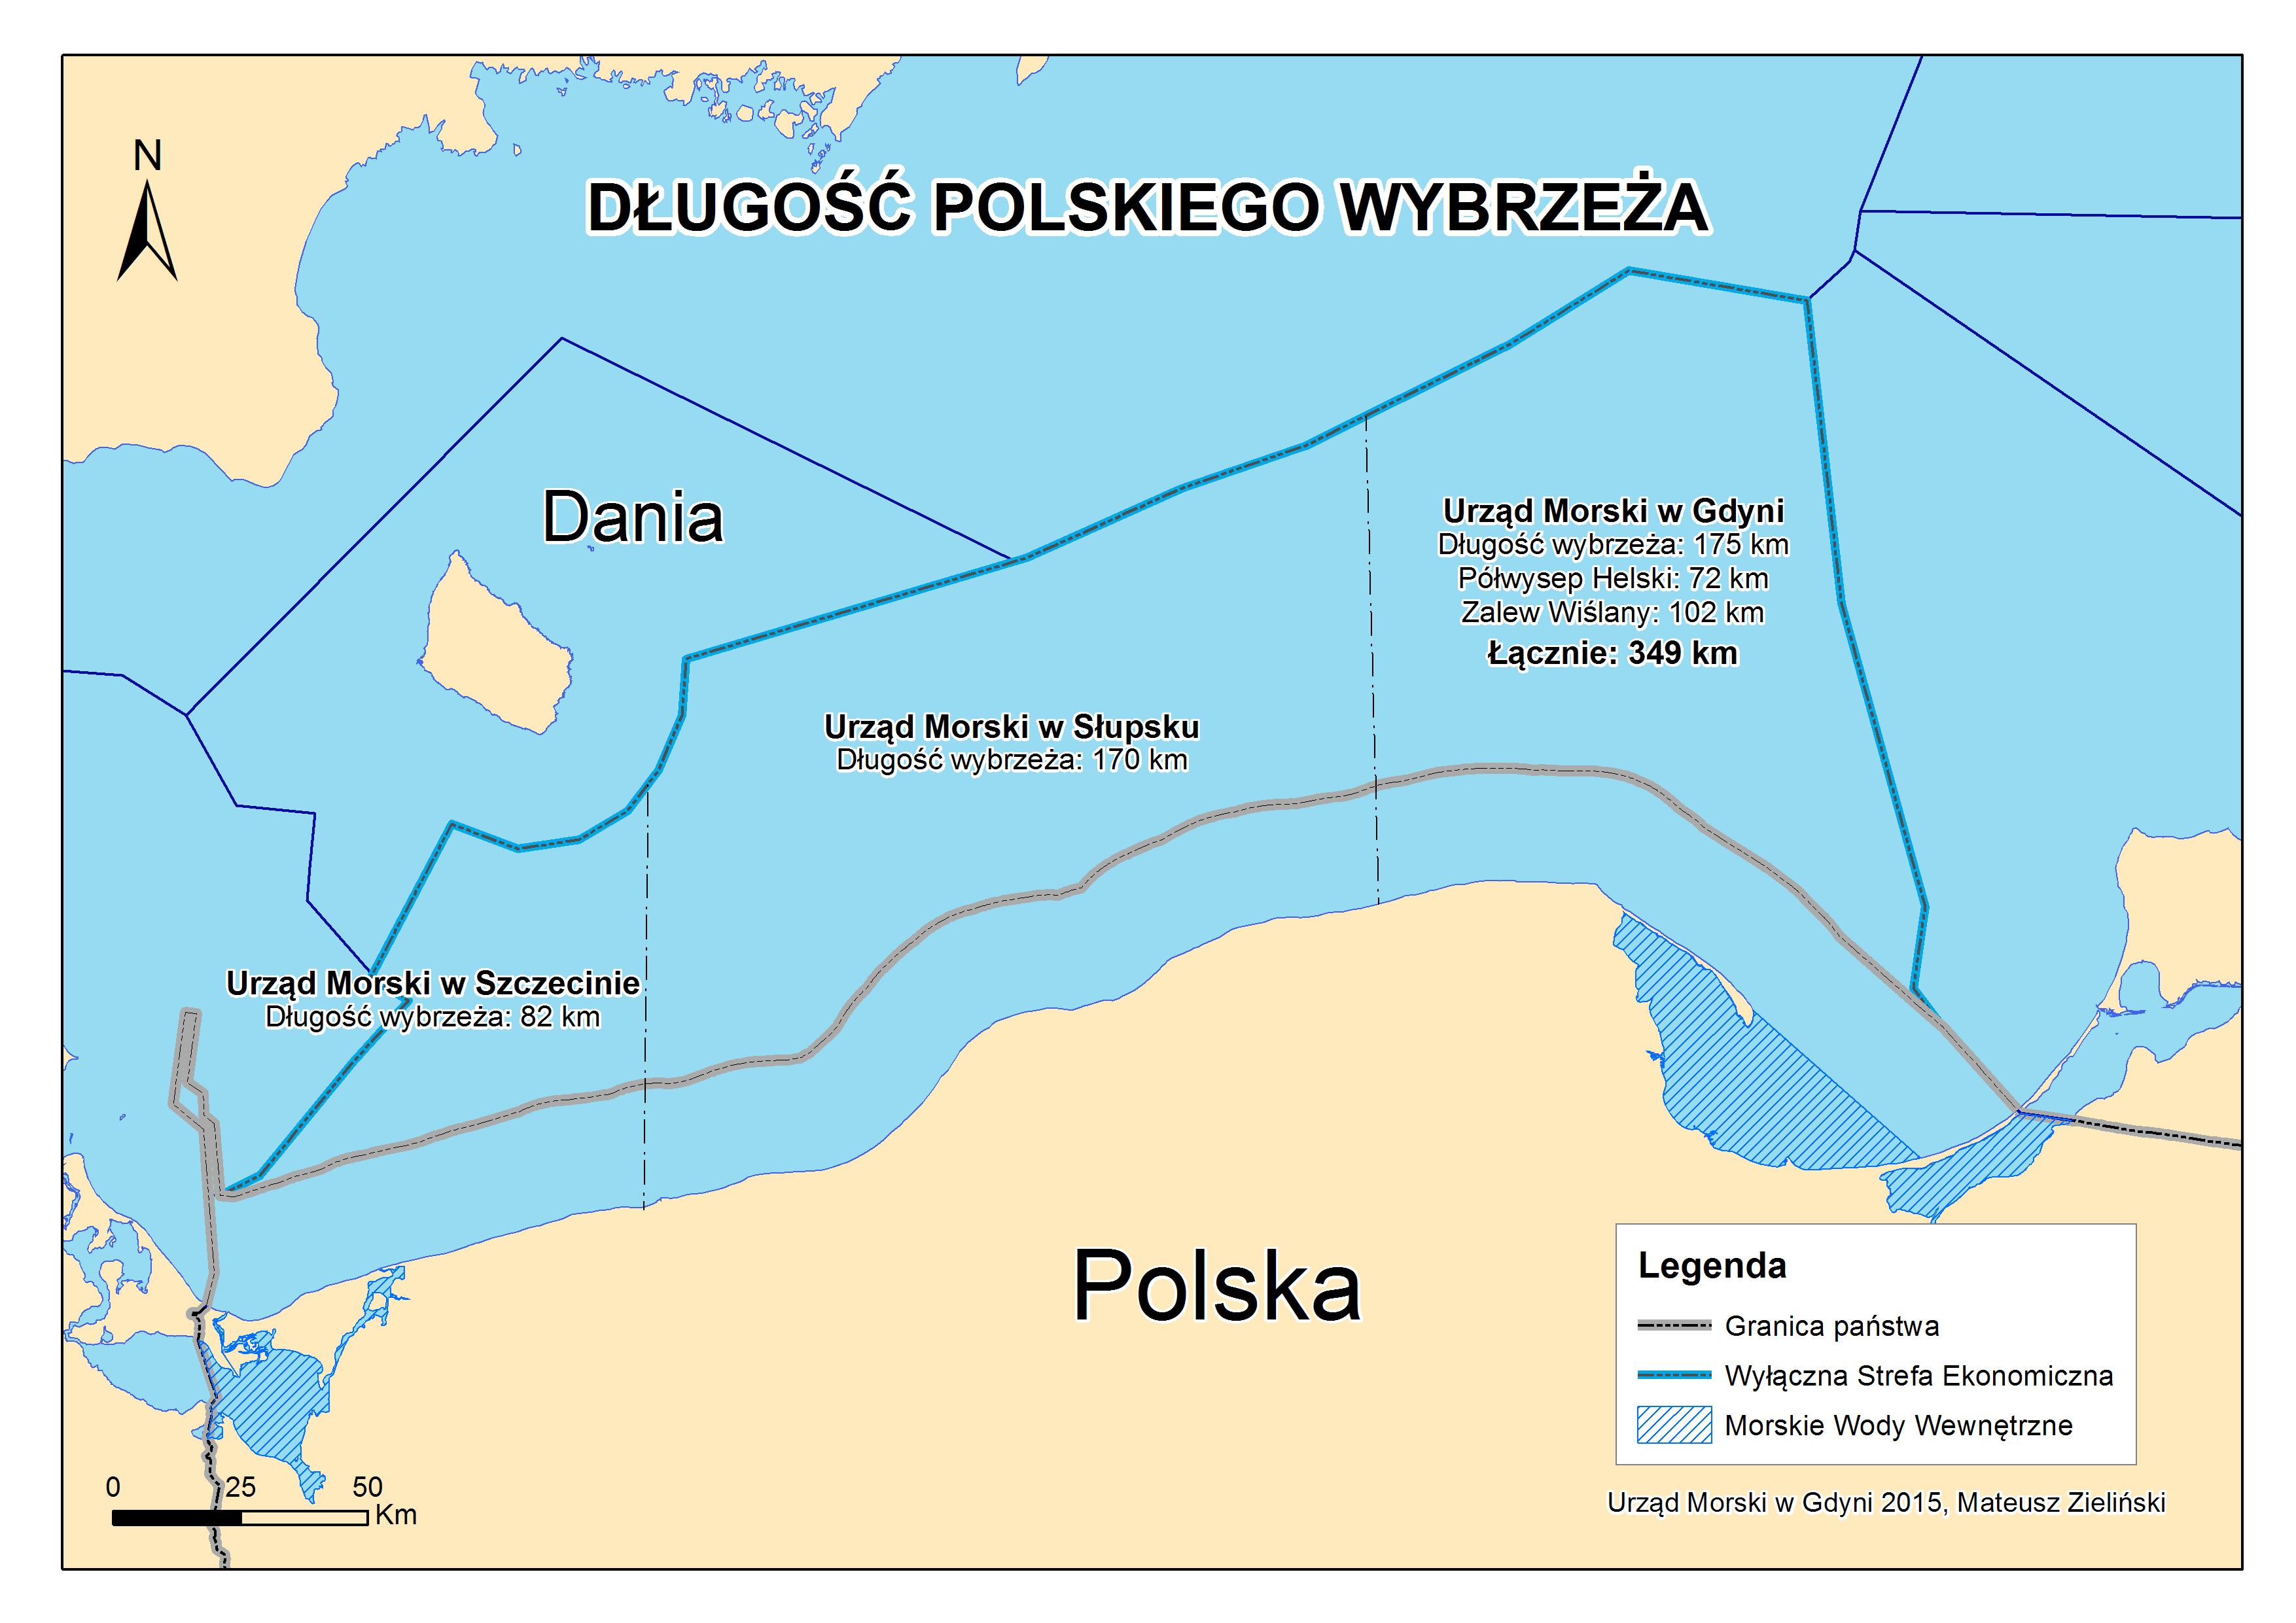 Długość polskiego wybrzeża